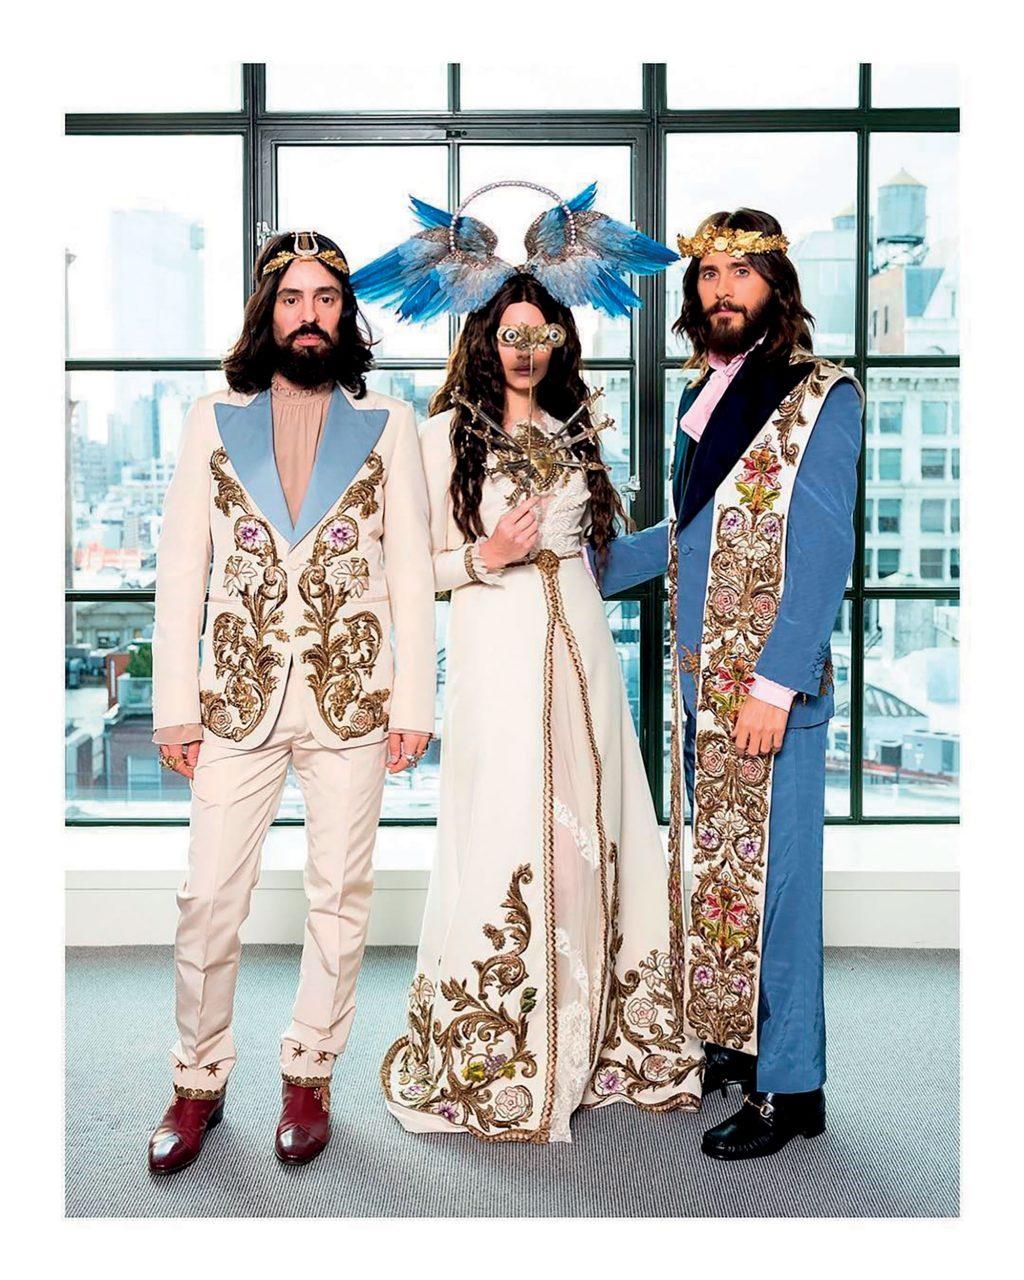 phong cách thời trang gucci ở met gala